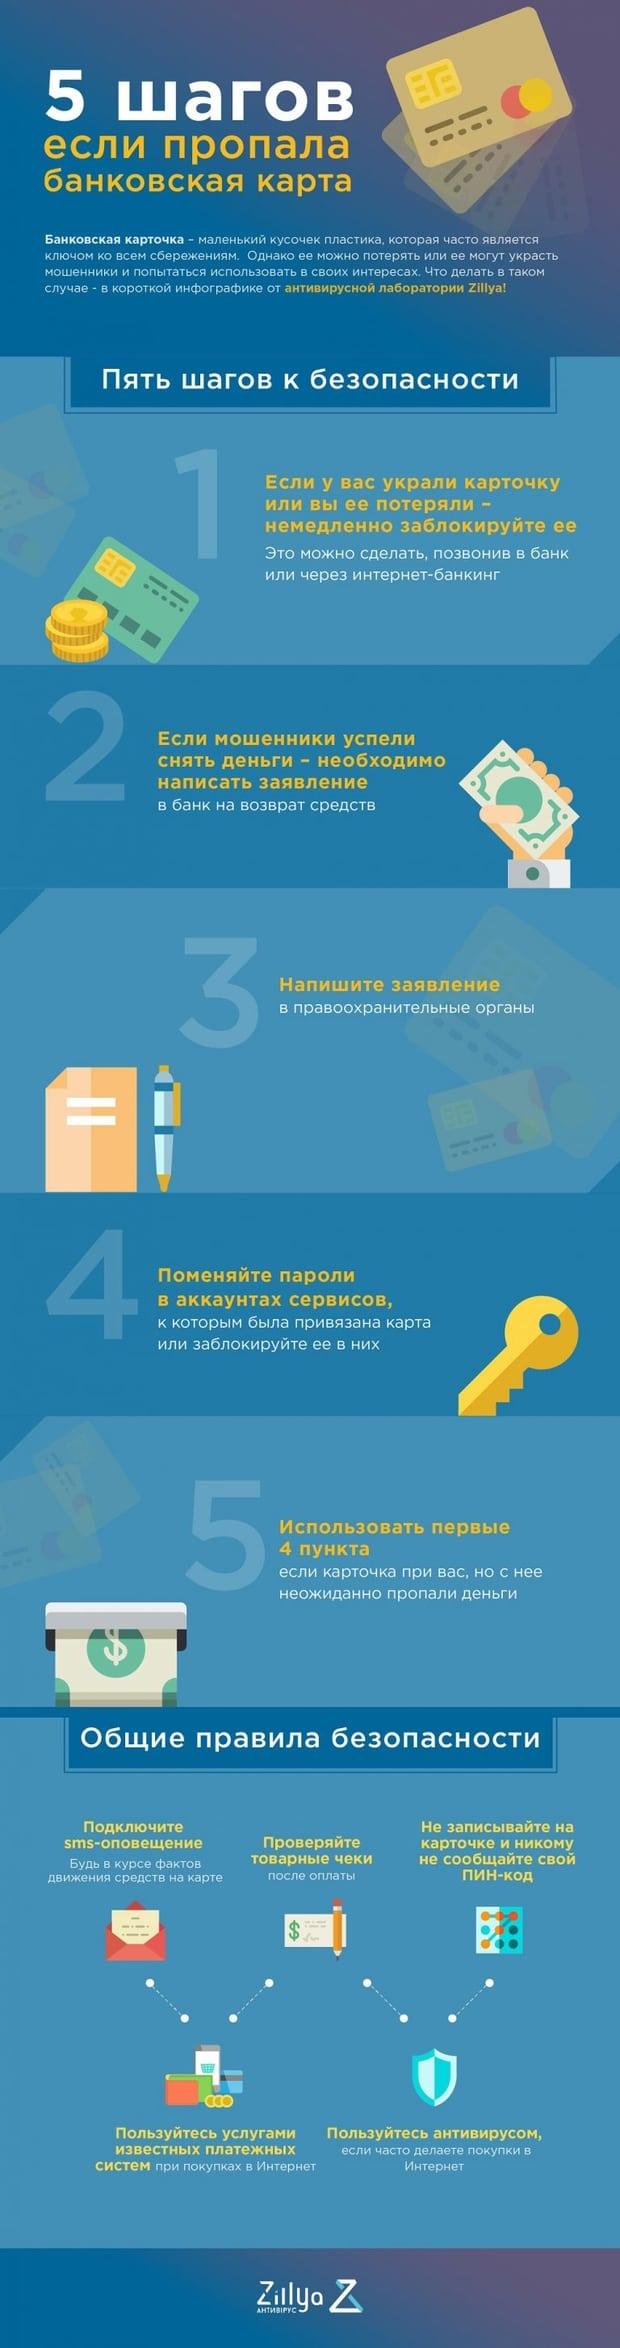 По горячим следам: украинцам объяснили, что делать при краже банковской карты (инфографика)